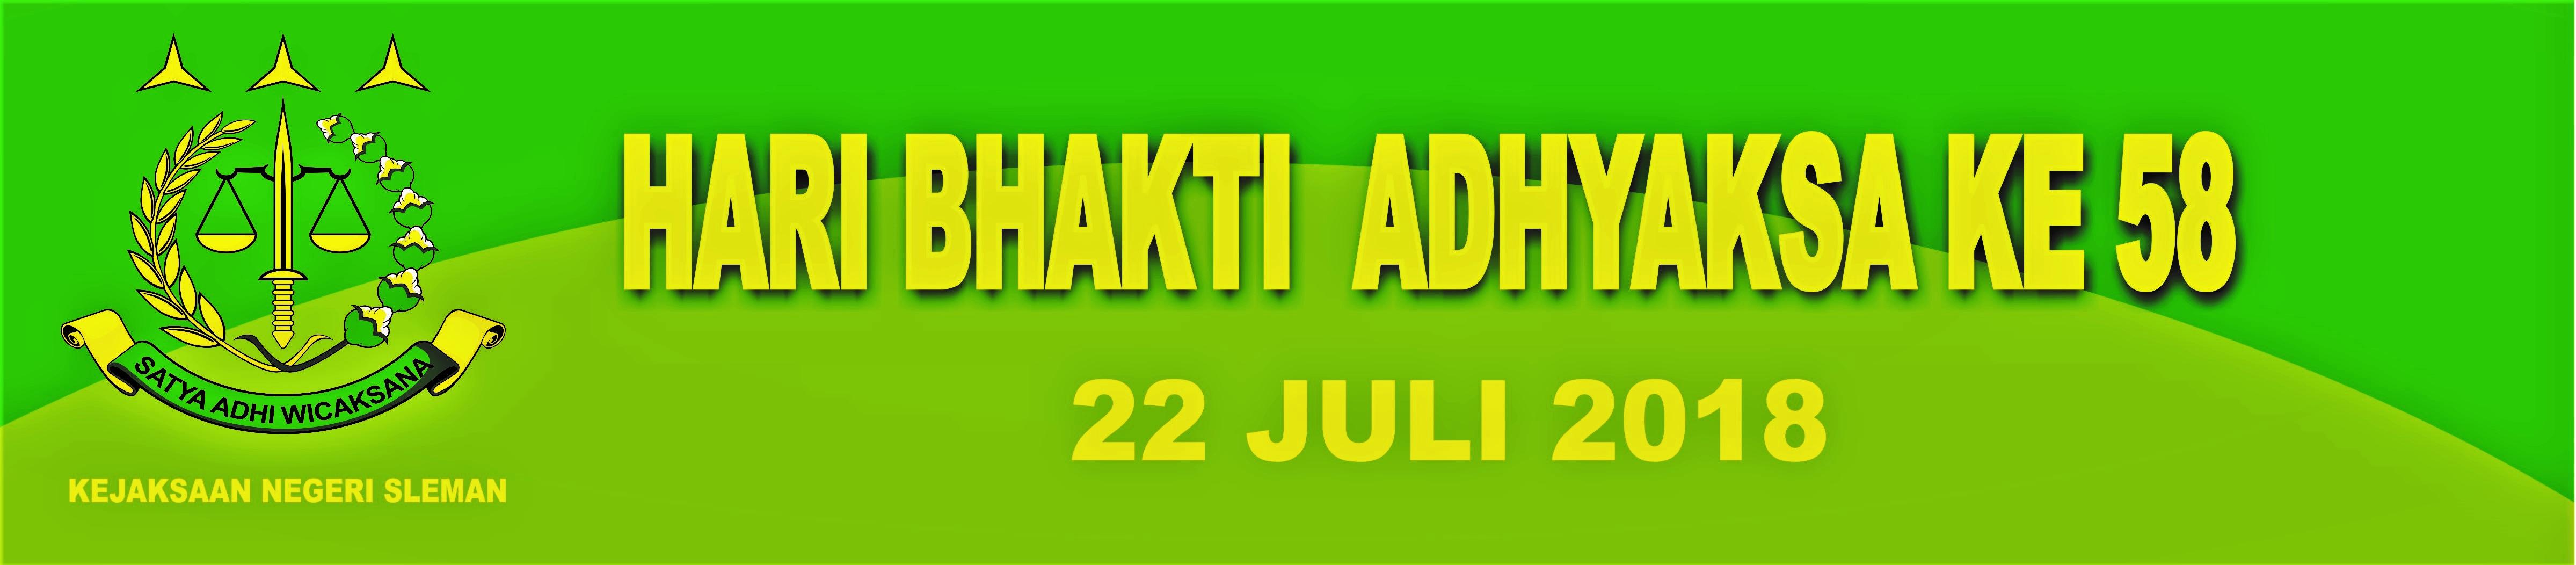 HARI BHAKTI ADHYAKSA KE 58